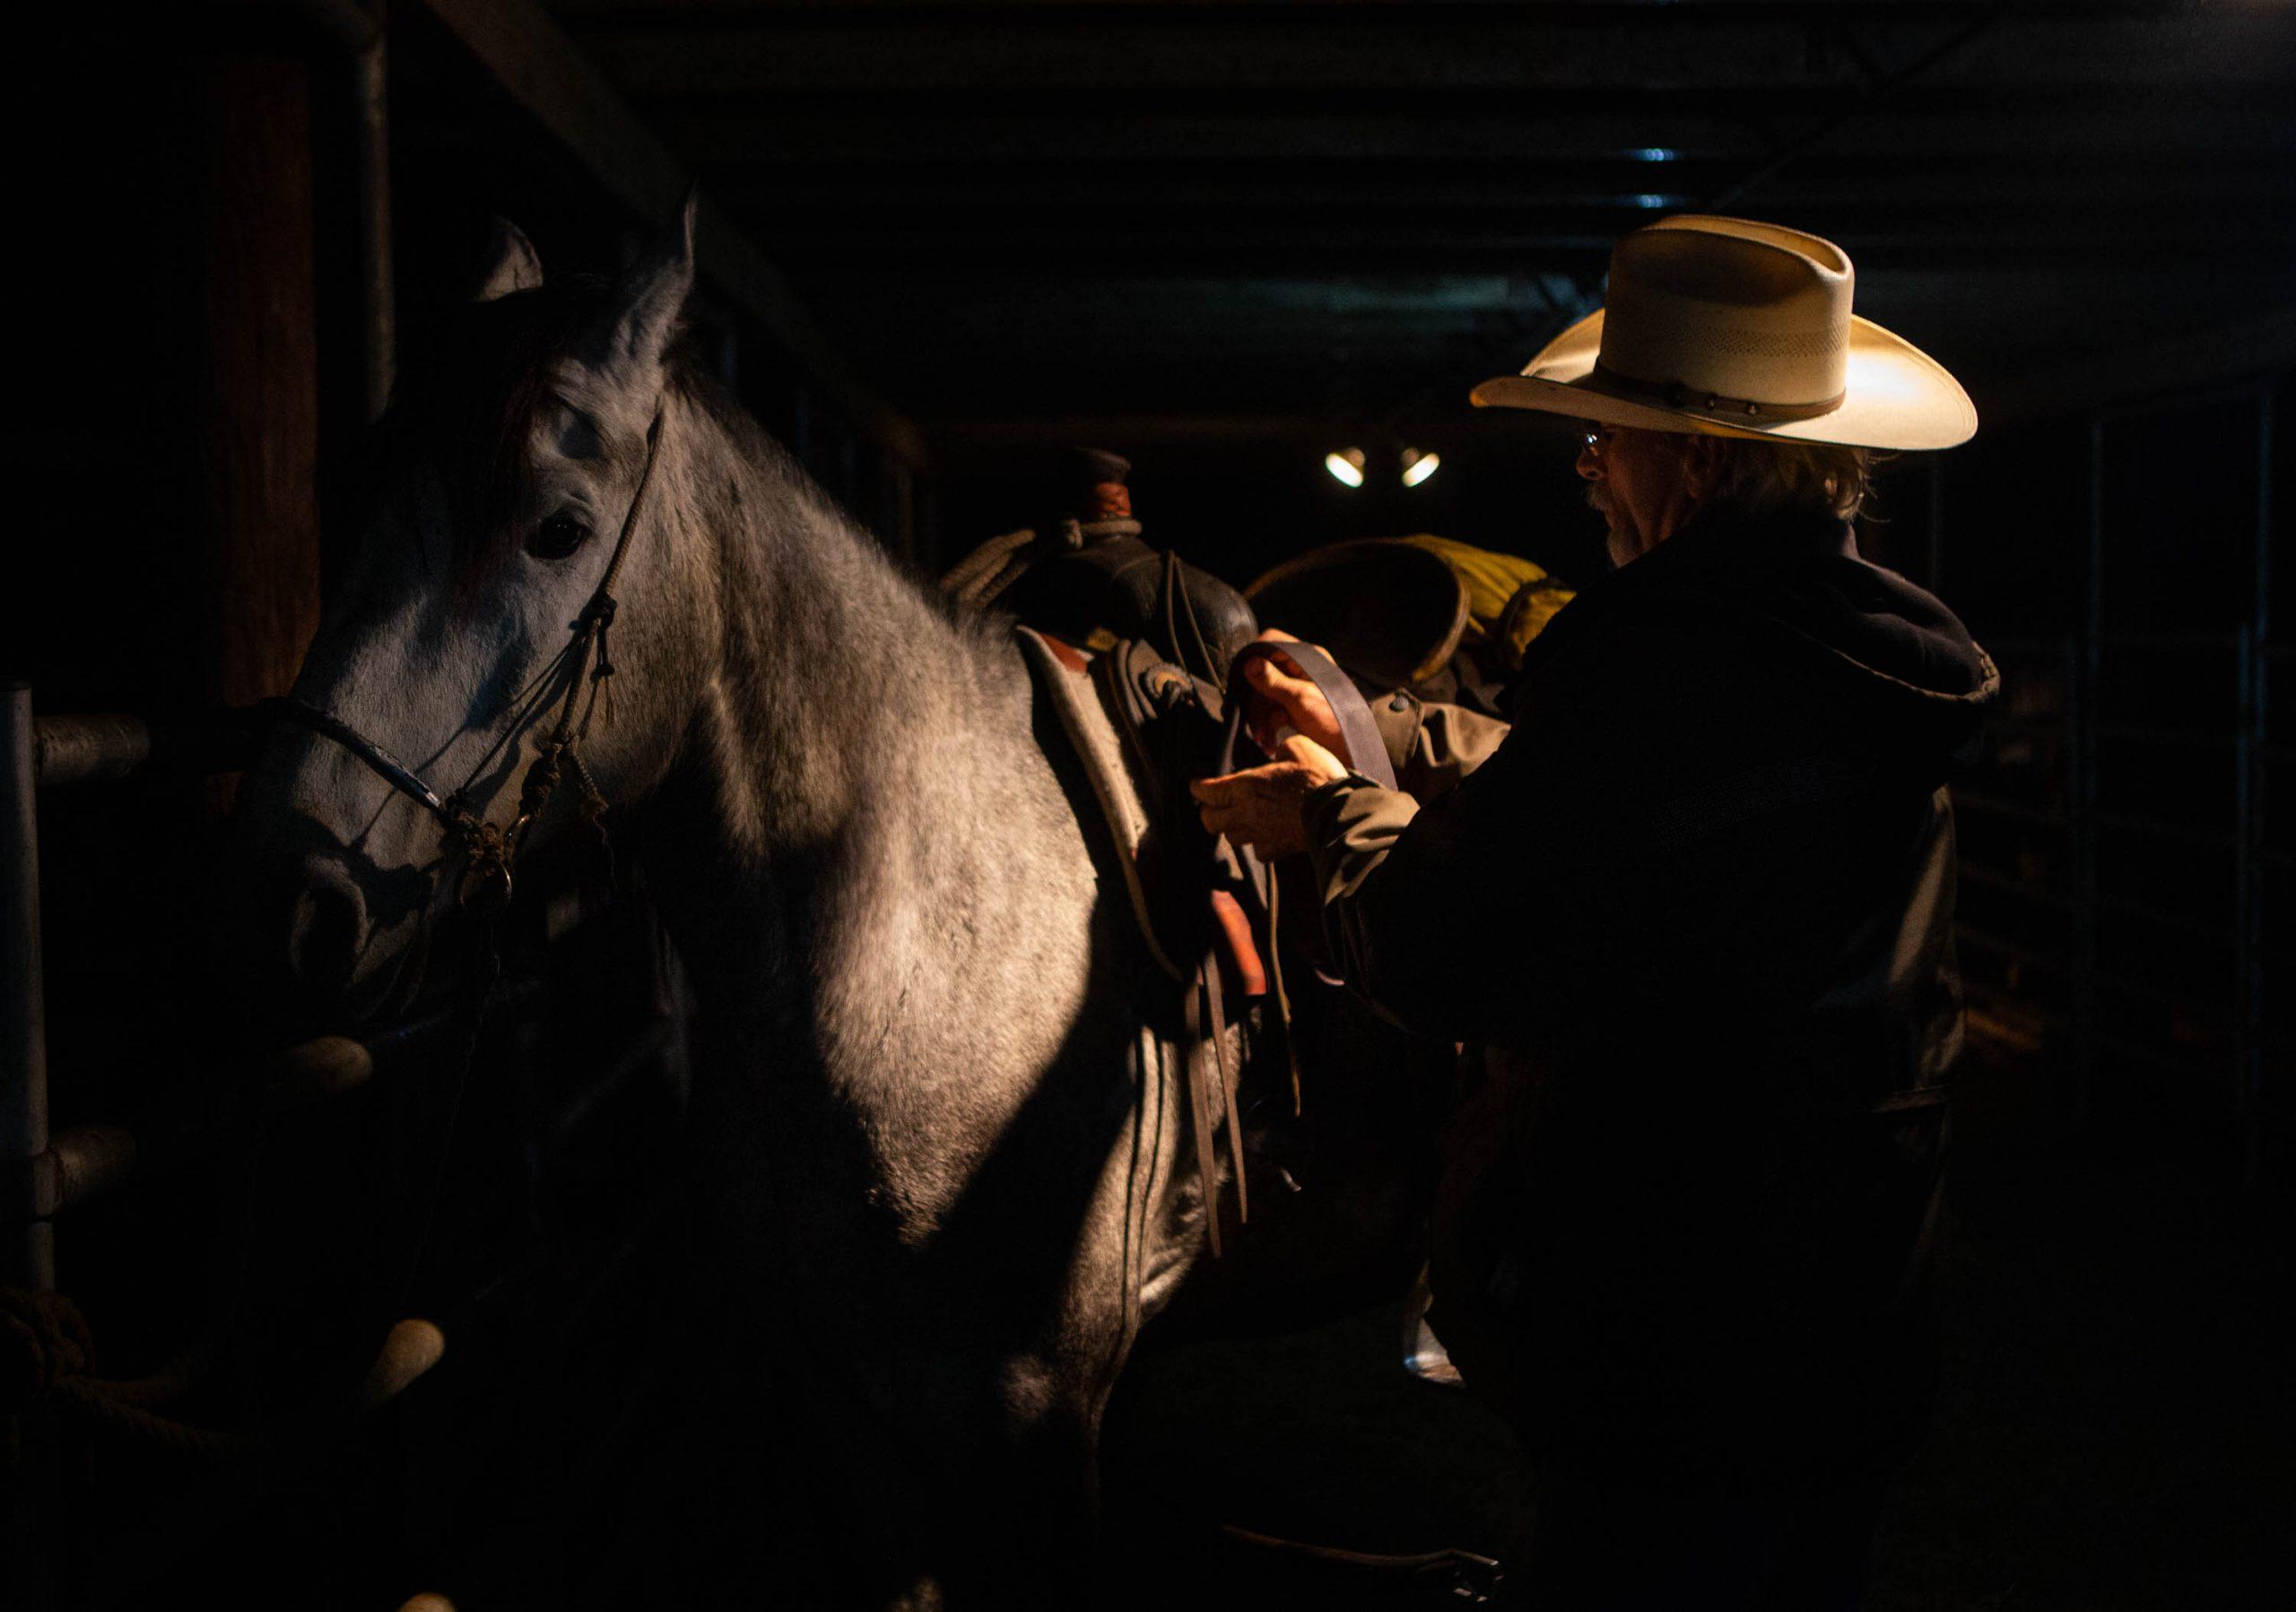 Cowboy saddling horse